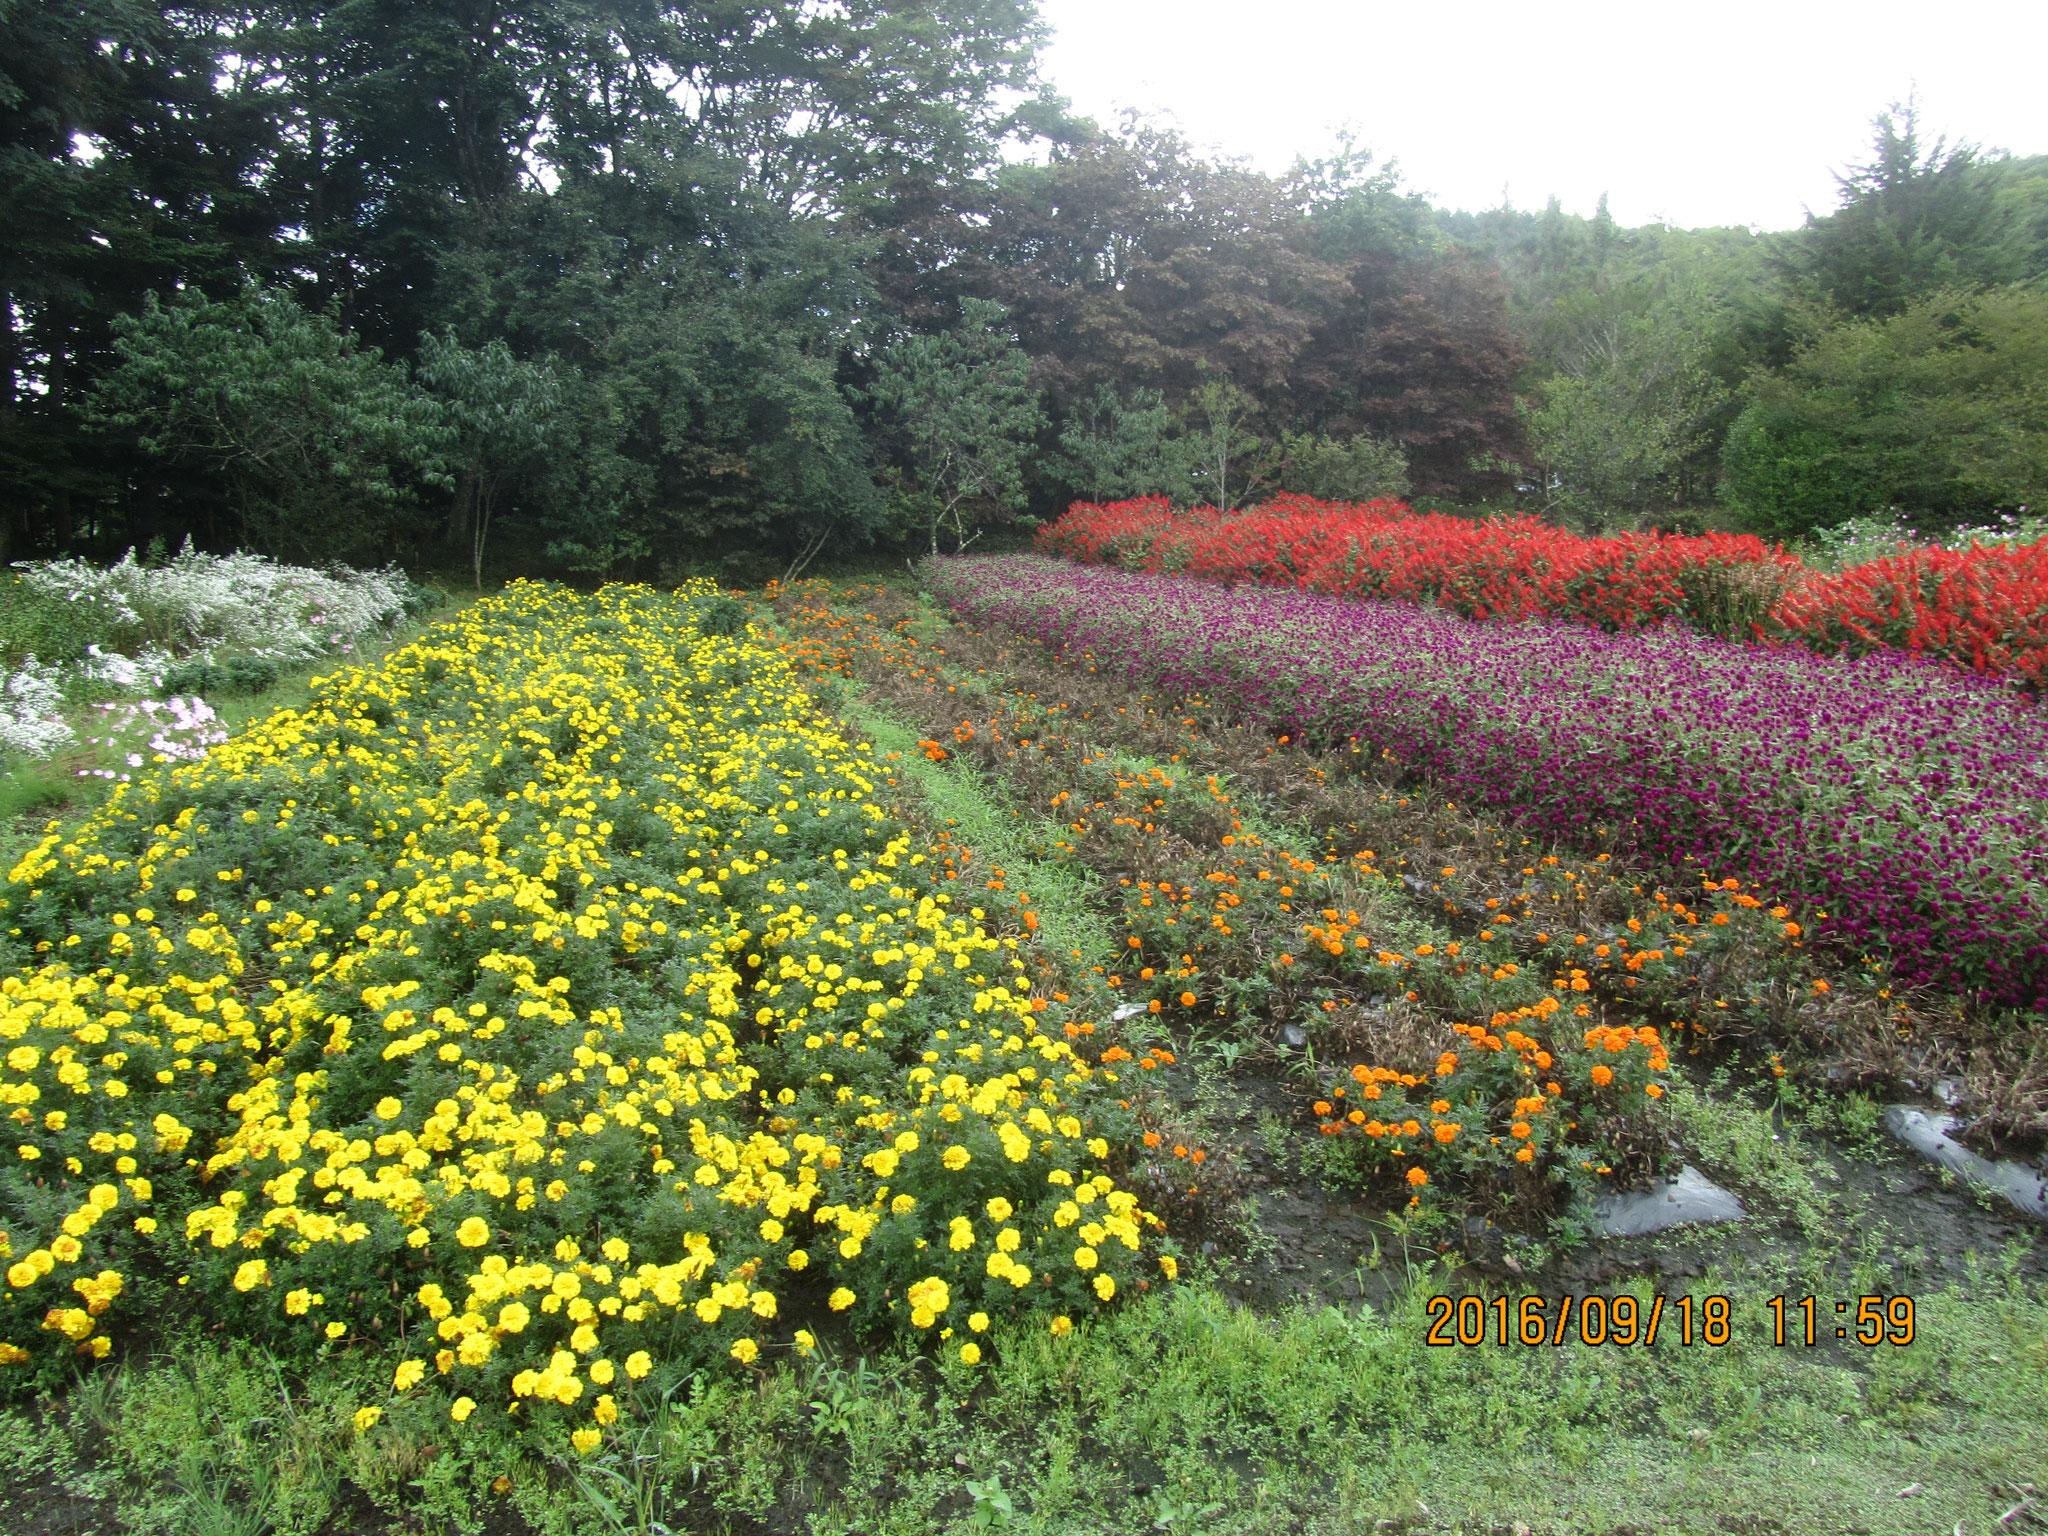 秋の花々が見事に咲き乱れています。